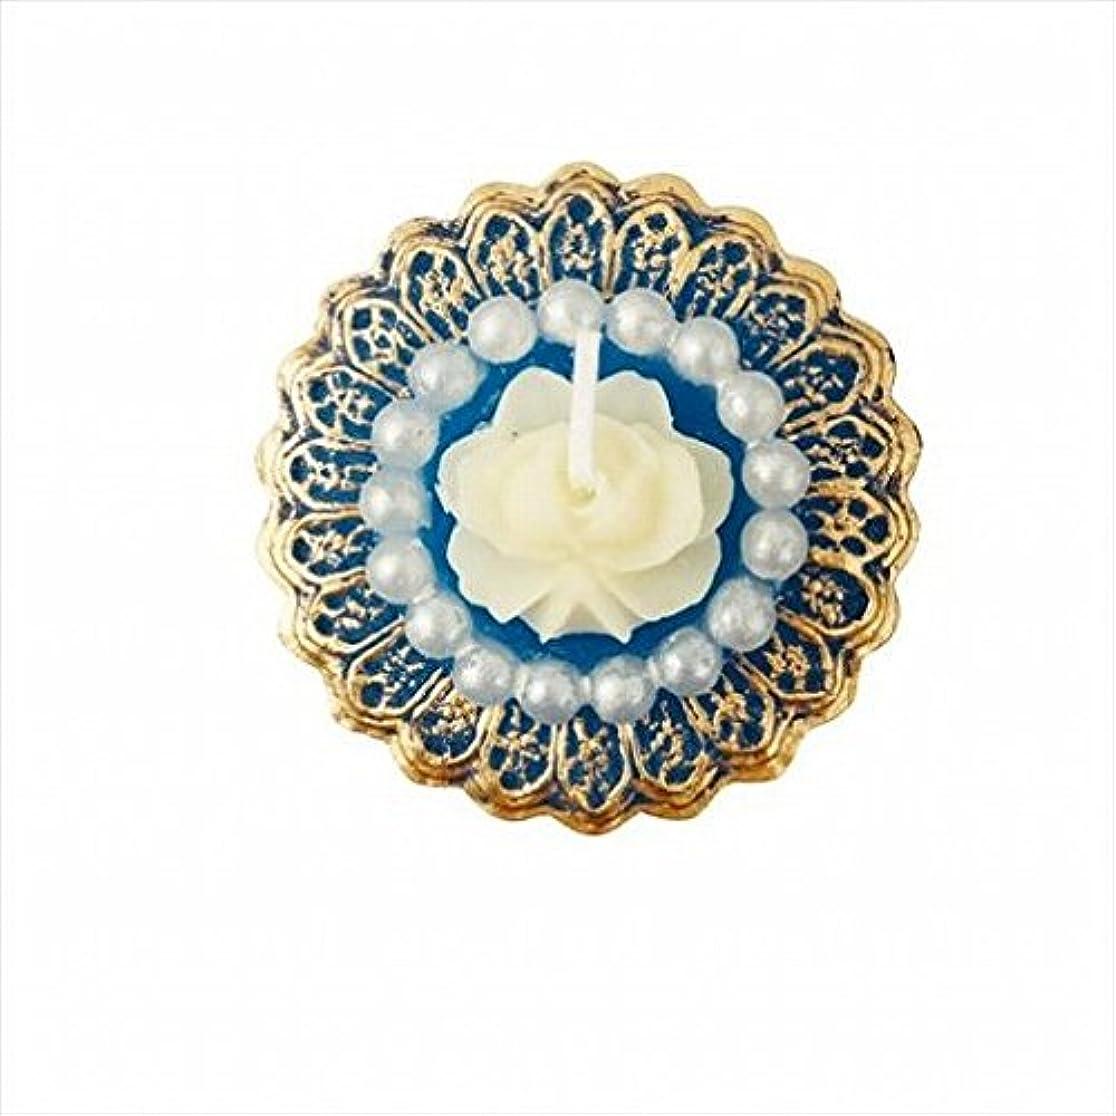 つかむ賭けはっきりとkameyama candle(カメヤマキャンドル) アンティークジュエリー 「 ブルーローズシェル 」 キャンドル 48x48x24mm (A4380020)